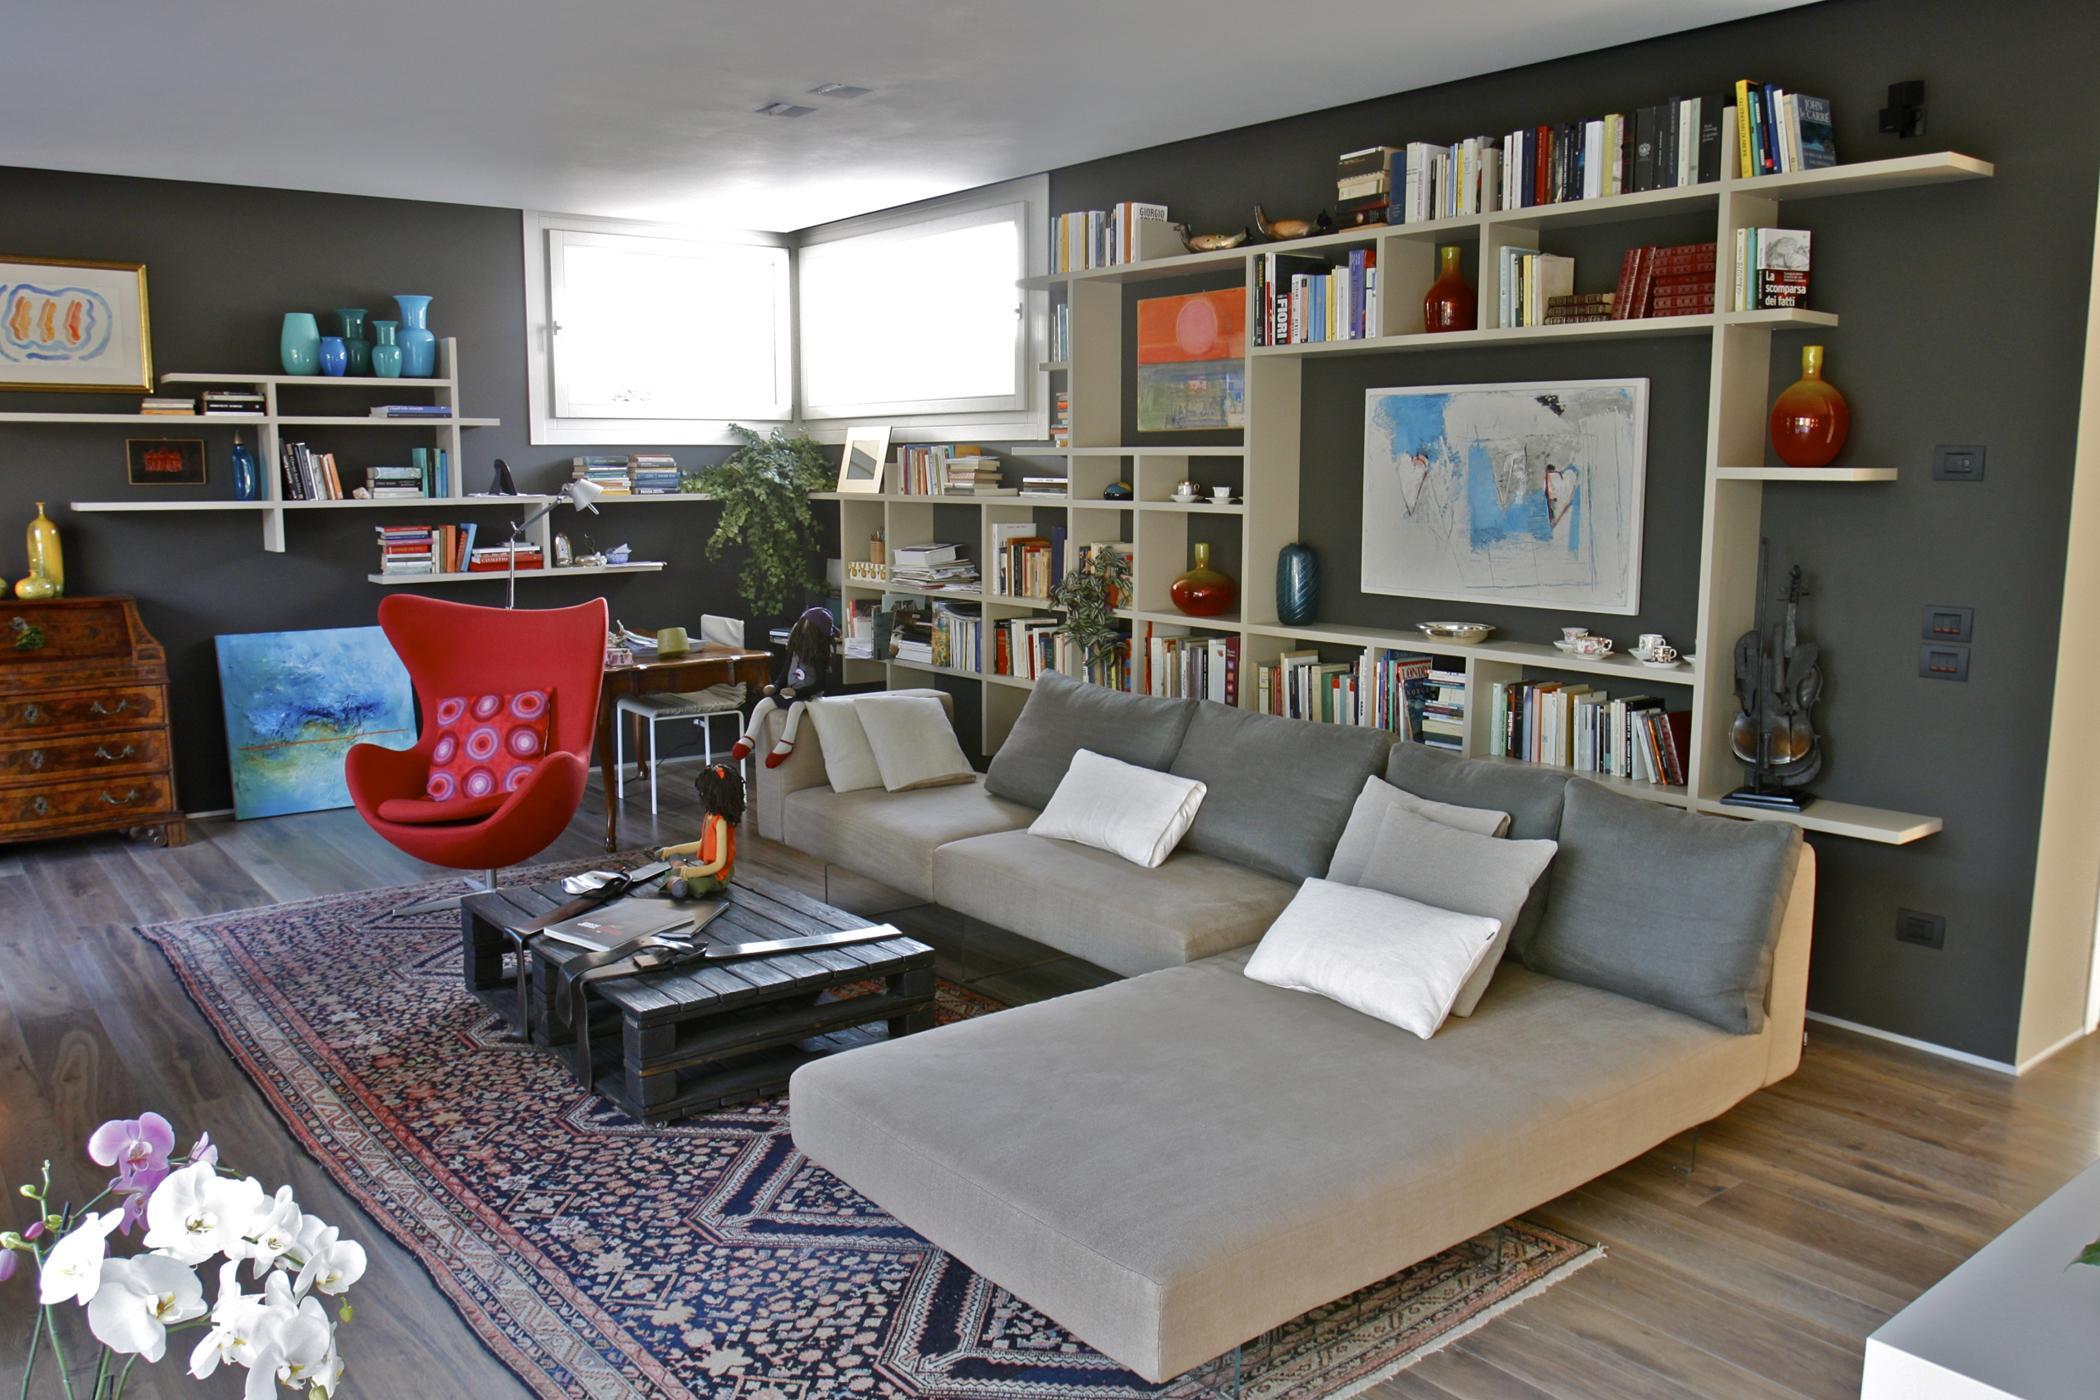 gemutliches lounge sofa couchtisch regal wandregal teppich aufbewahrung kommode